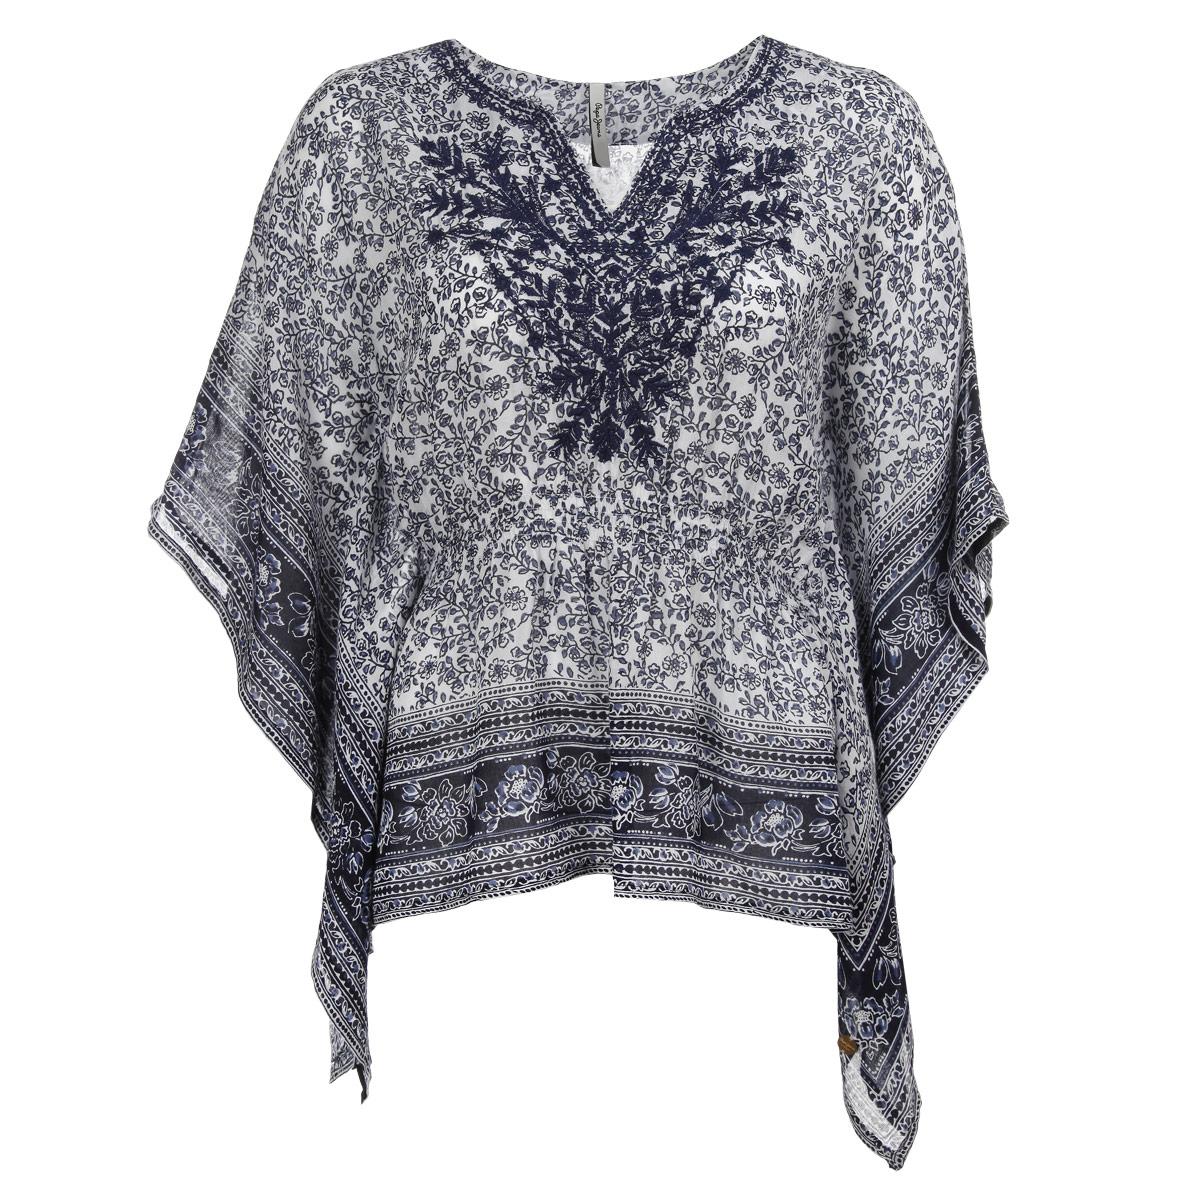 БлузкаPL301372 561Стильная летняя блузка Pepe Jeans, выполненная из высококачественного материала, - находка для современной женщины, желающей выглядеть стильно и модно. Модель свободного кроя с рукавами летучая мышь и V-образным вырезом горловины будет отлично на вас смотреться. На талии изделие собрано на резинку. Блузка оформлена цветочным орнаментом и на груди декорирована вышивкой. Такая модель, несомненно, вам понравится и послужит отличным дополнением к вашему гардеробу.